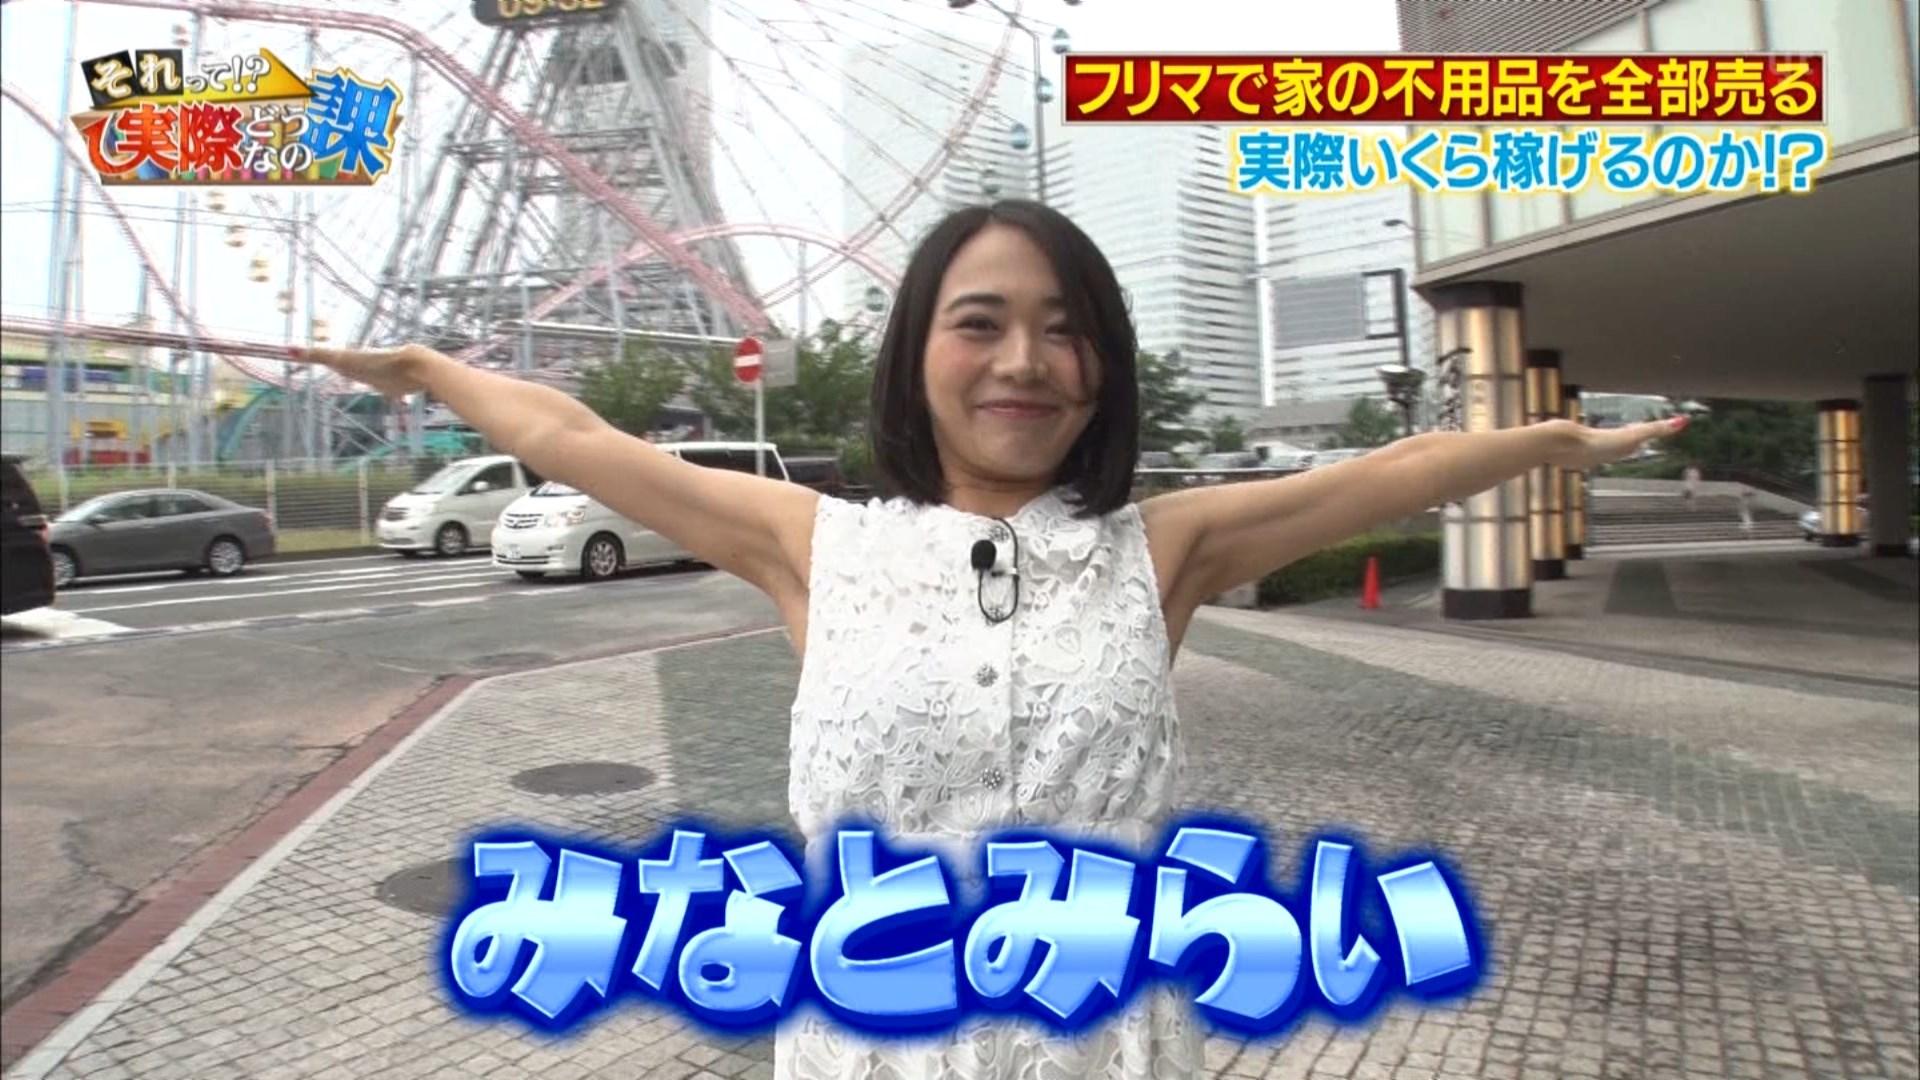 2019年9月11日に放送された「それって!?実際どうなの課」に出演したタレント・緑川静香さんのテレビキャプチャー画像-005